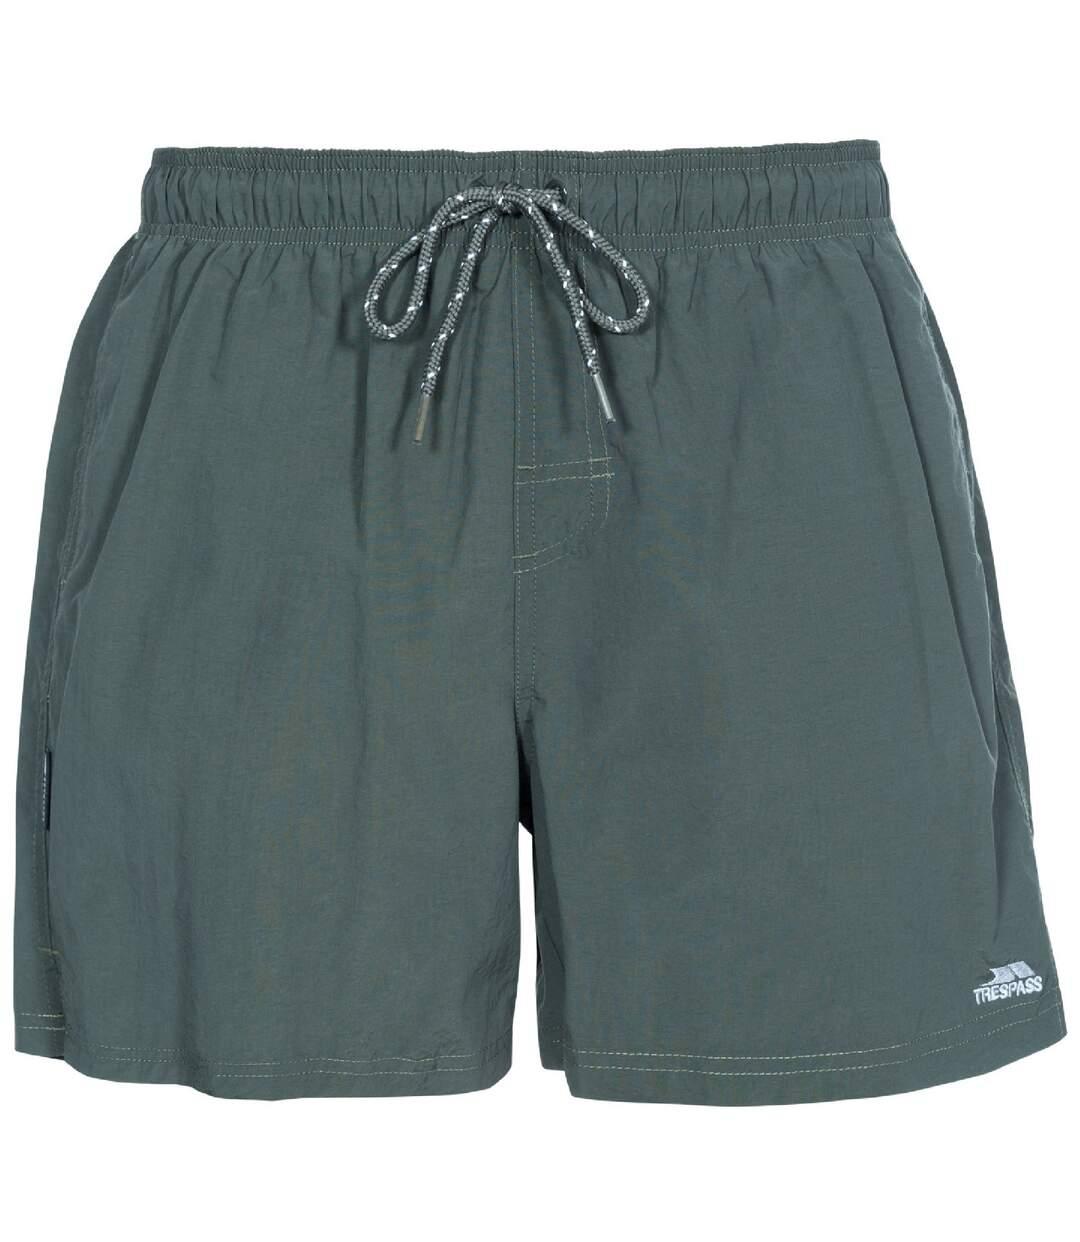 Trespass Mens Luena Swimming Shorts (Olive) - UTTP4058